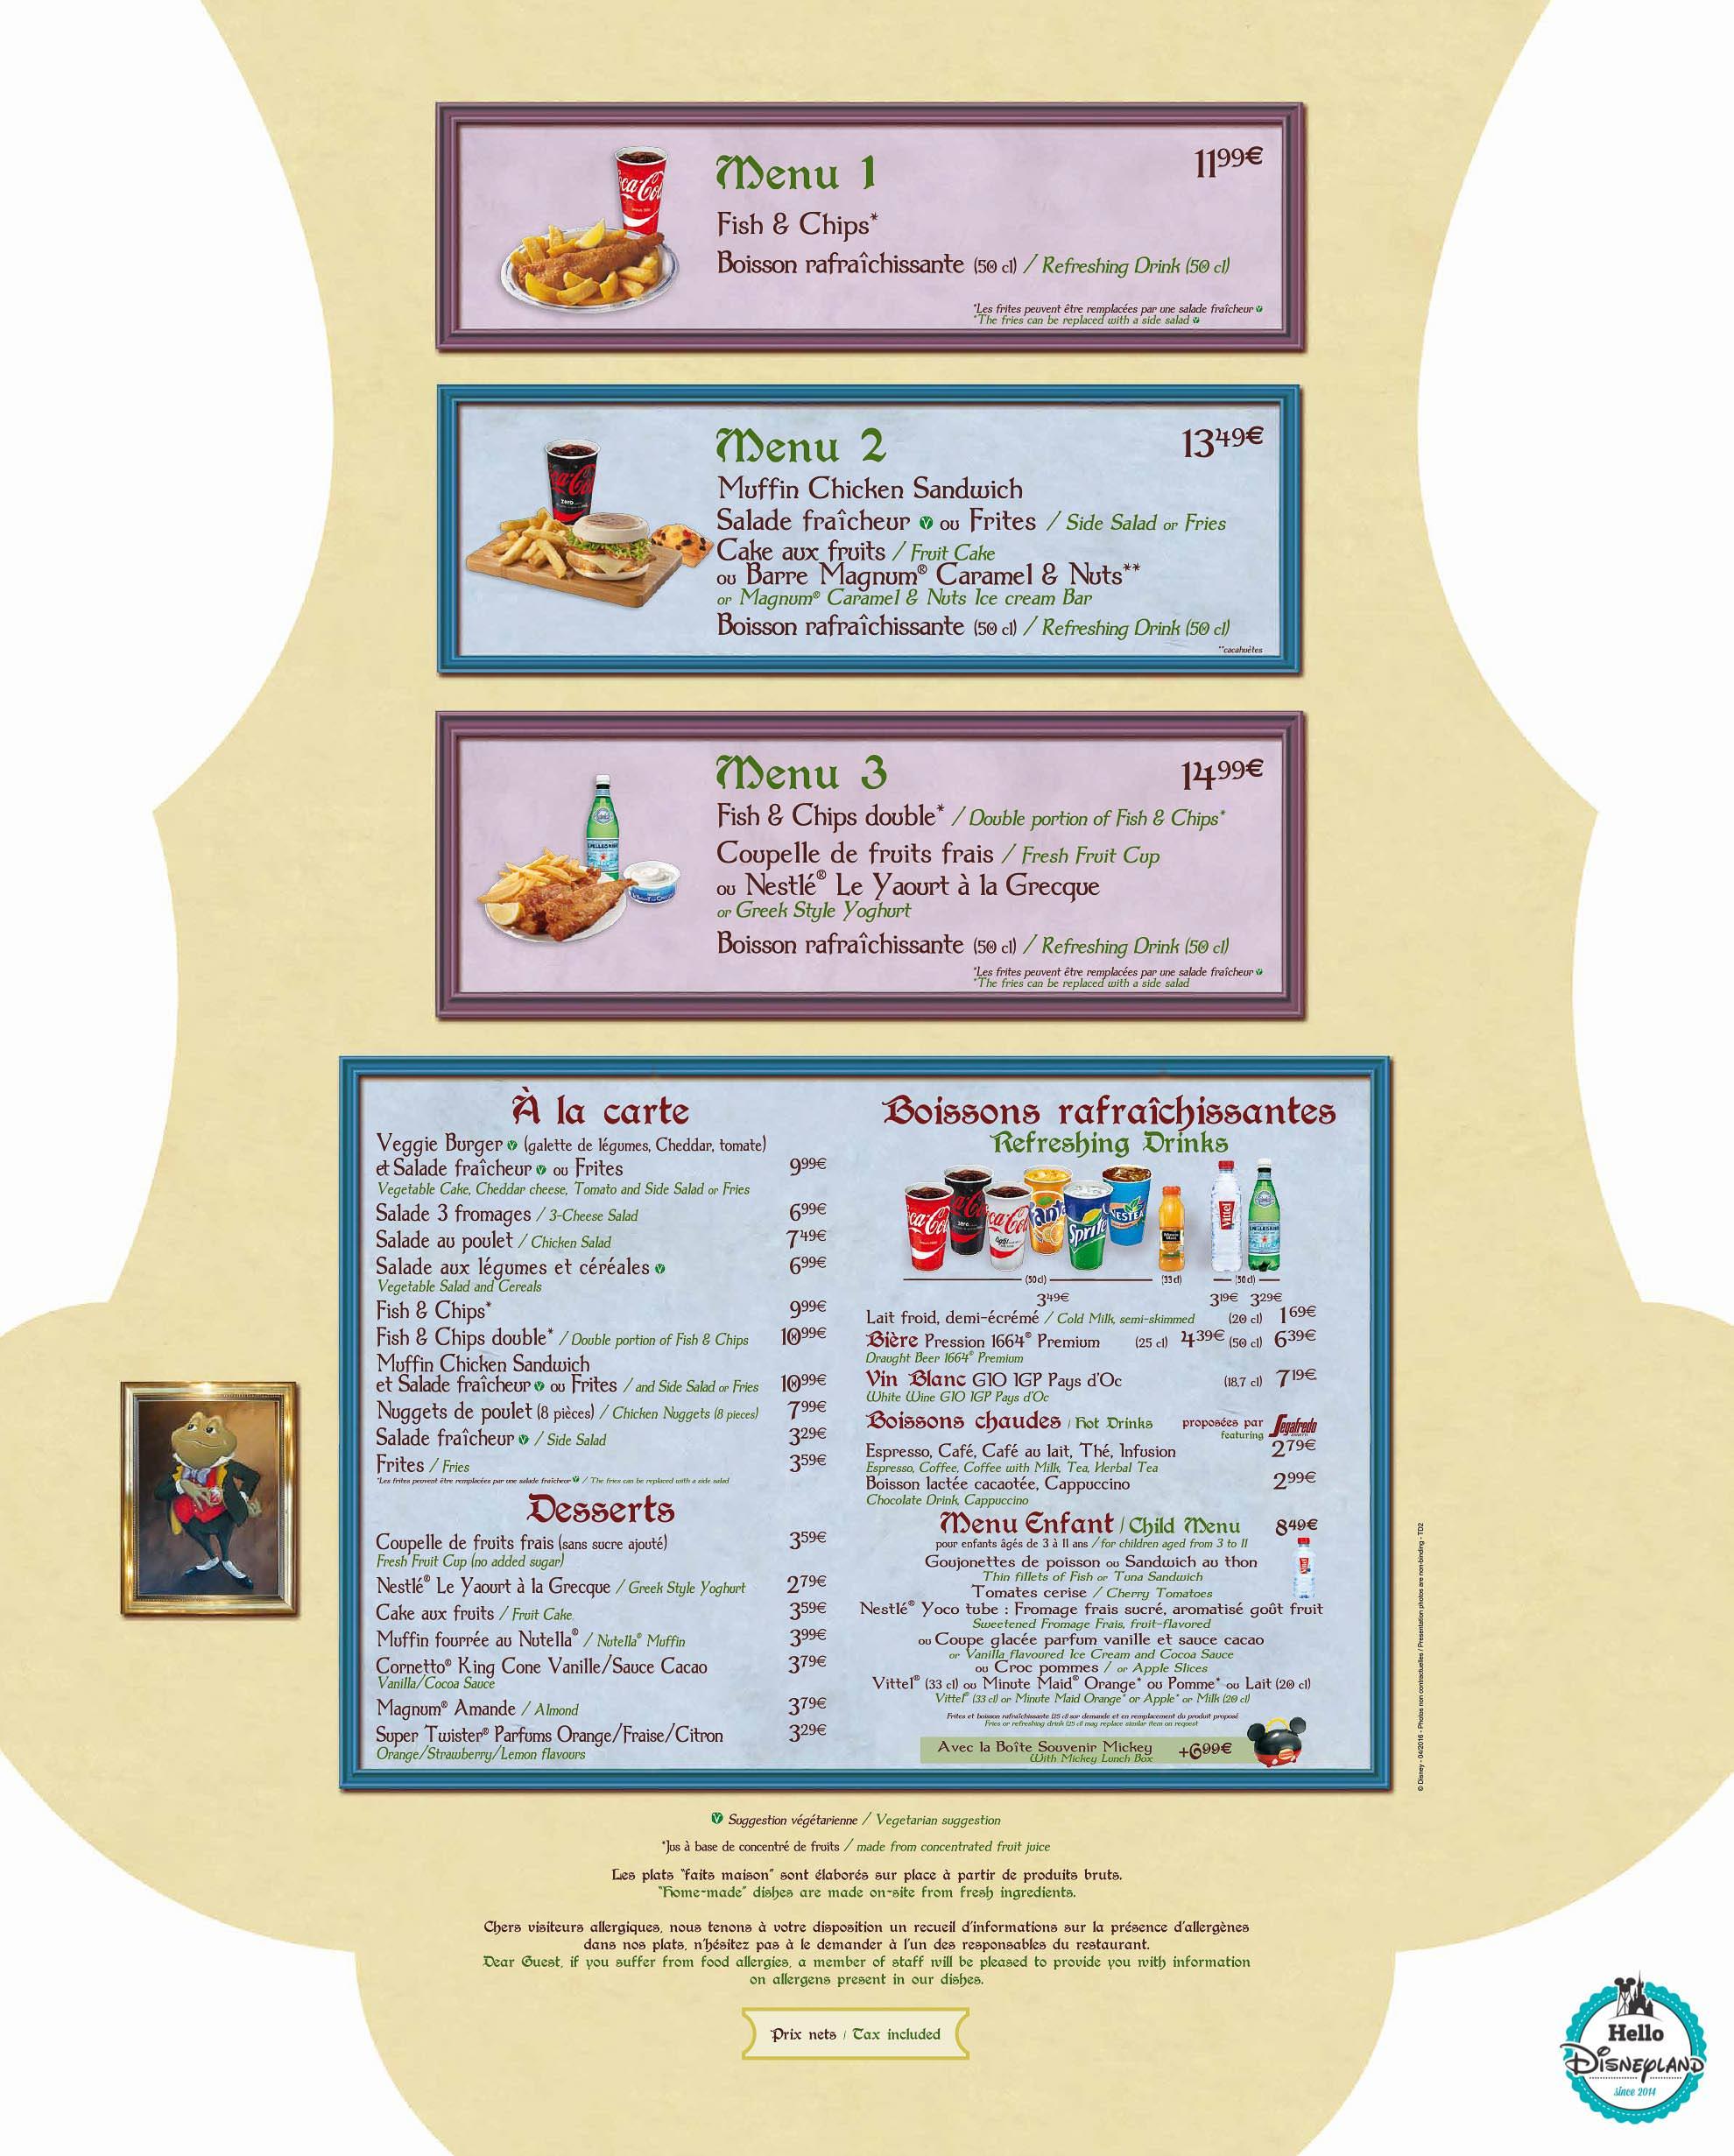 Disneyland PAris Restaurant Menu 2016